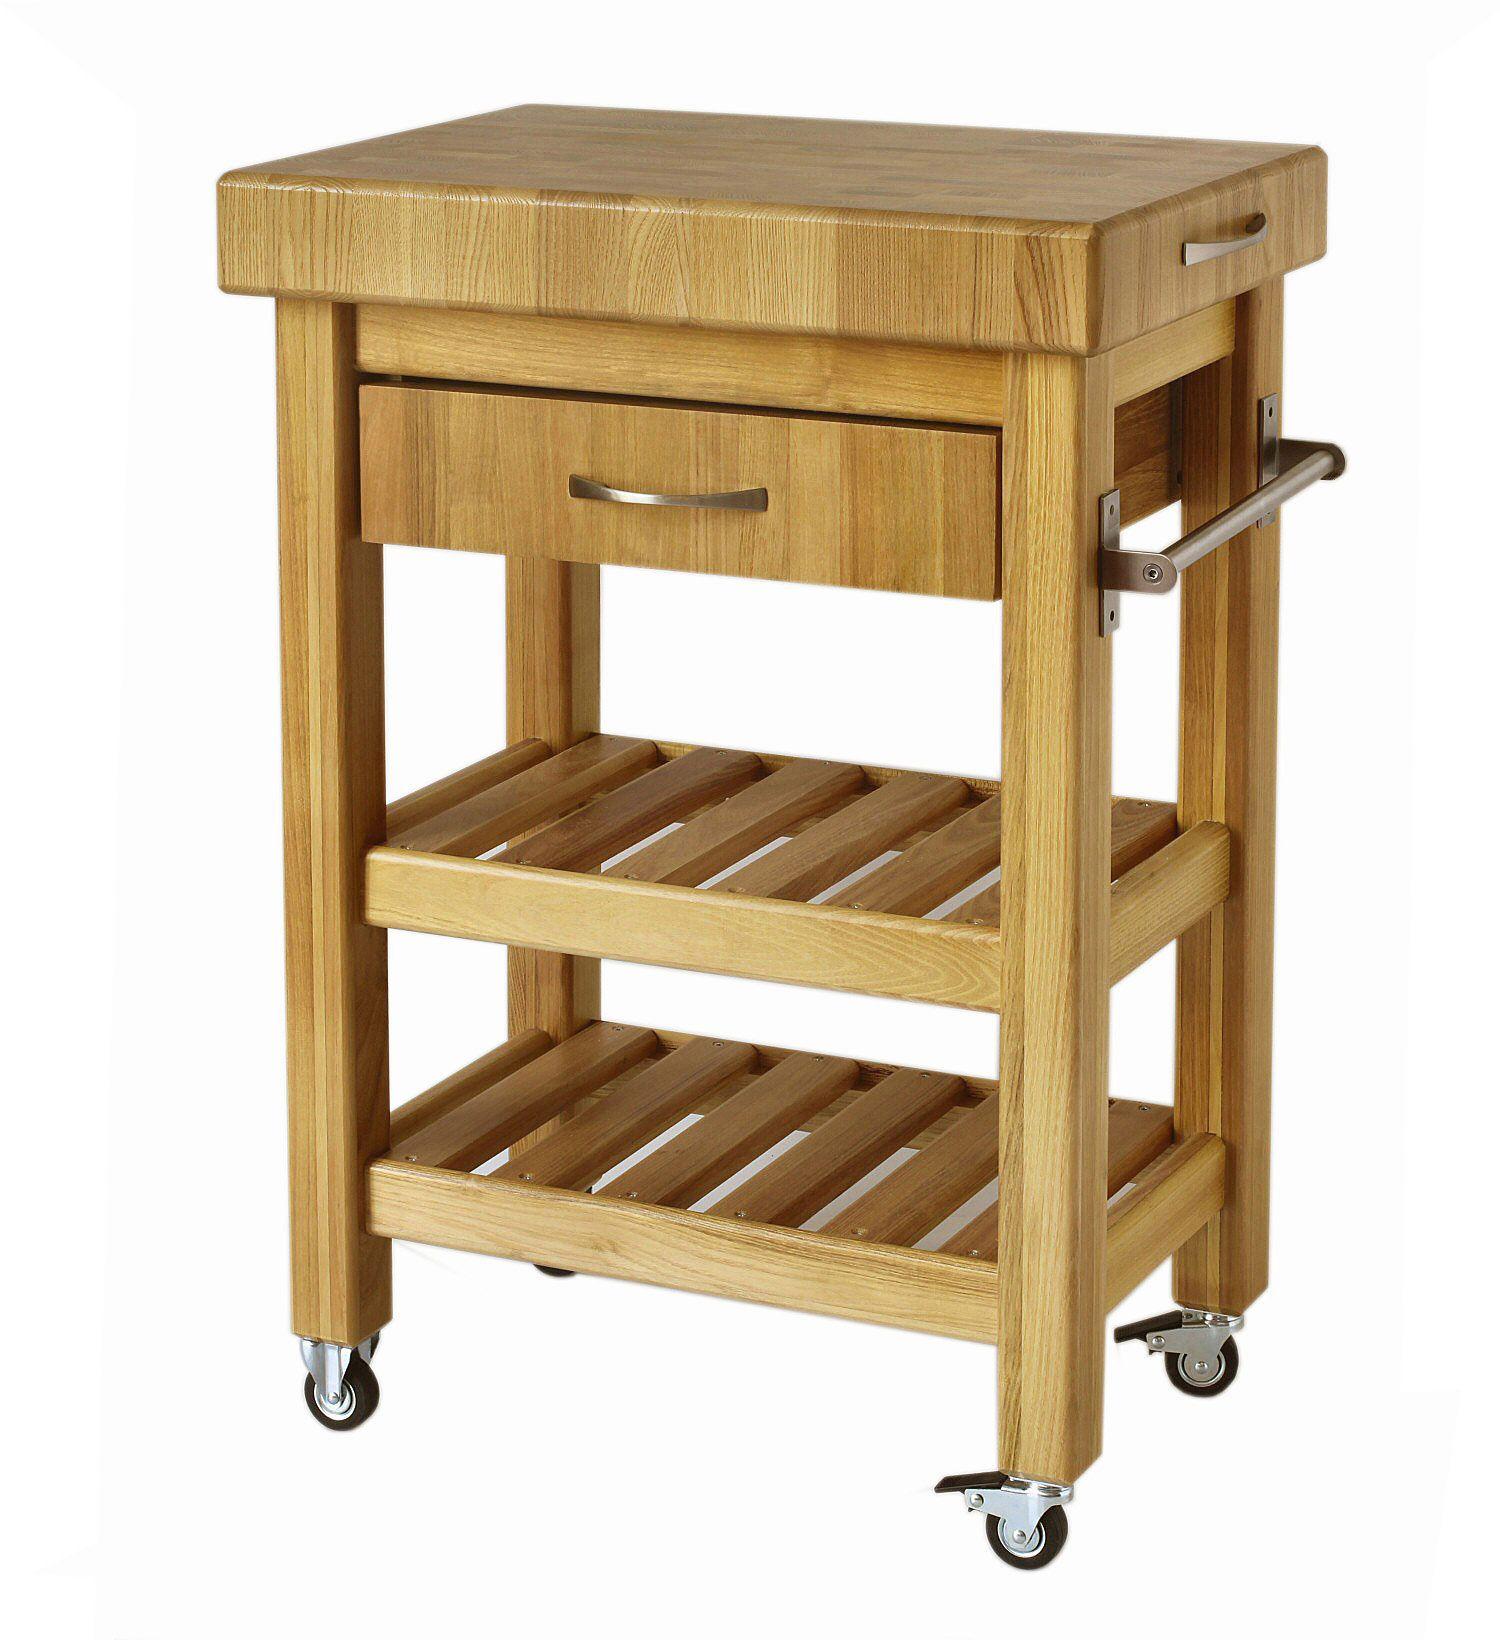 Carrello cucina in legno con cassetto | Carrello in legno per cucina ...